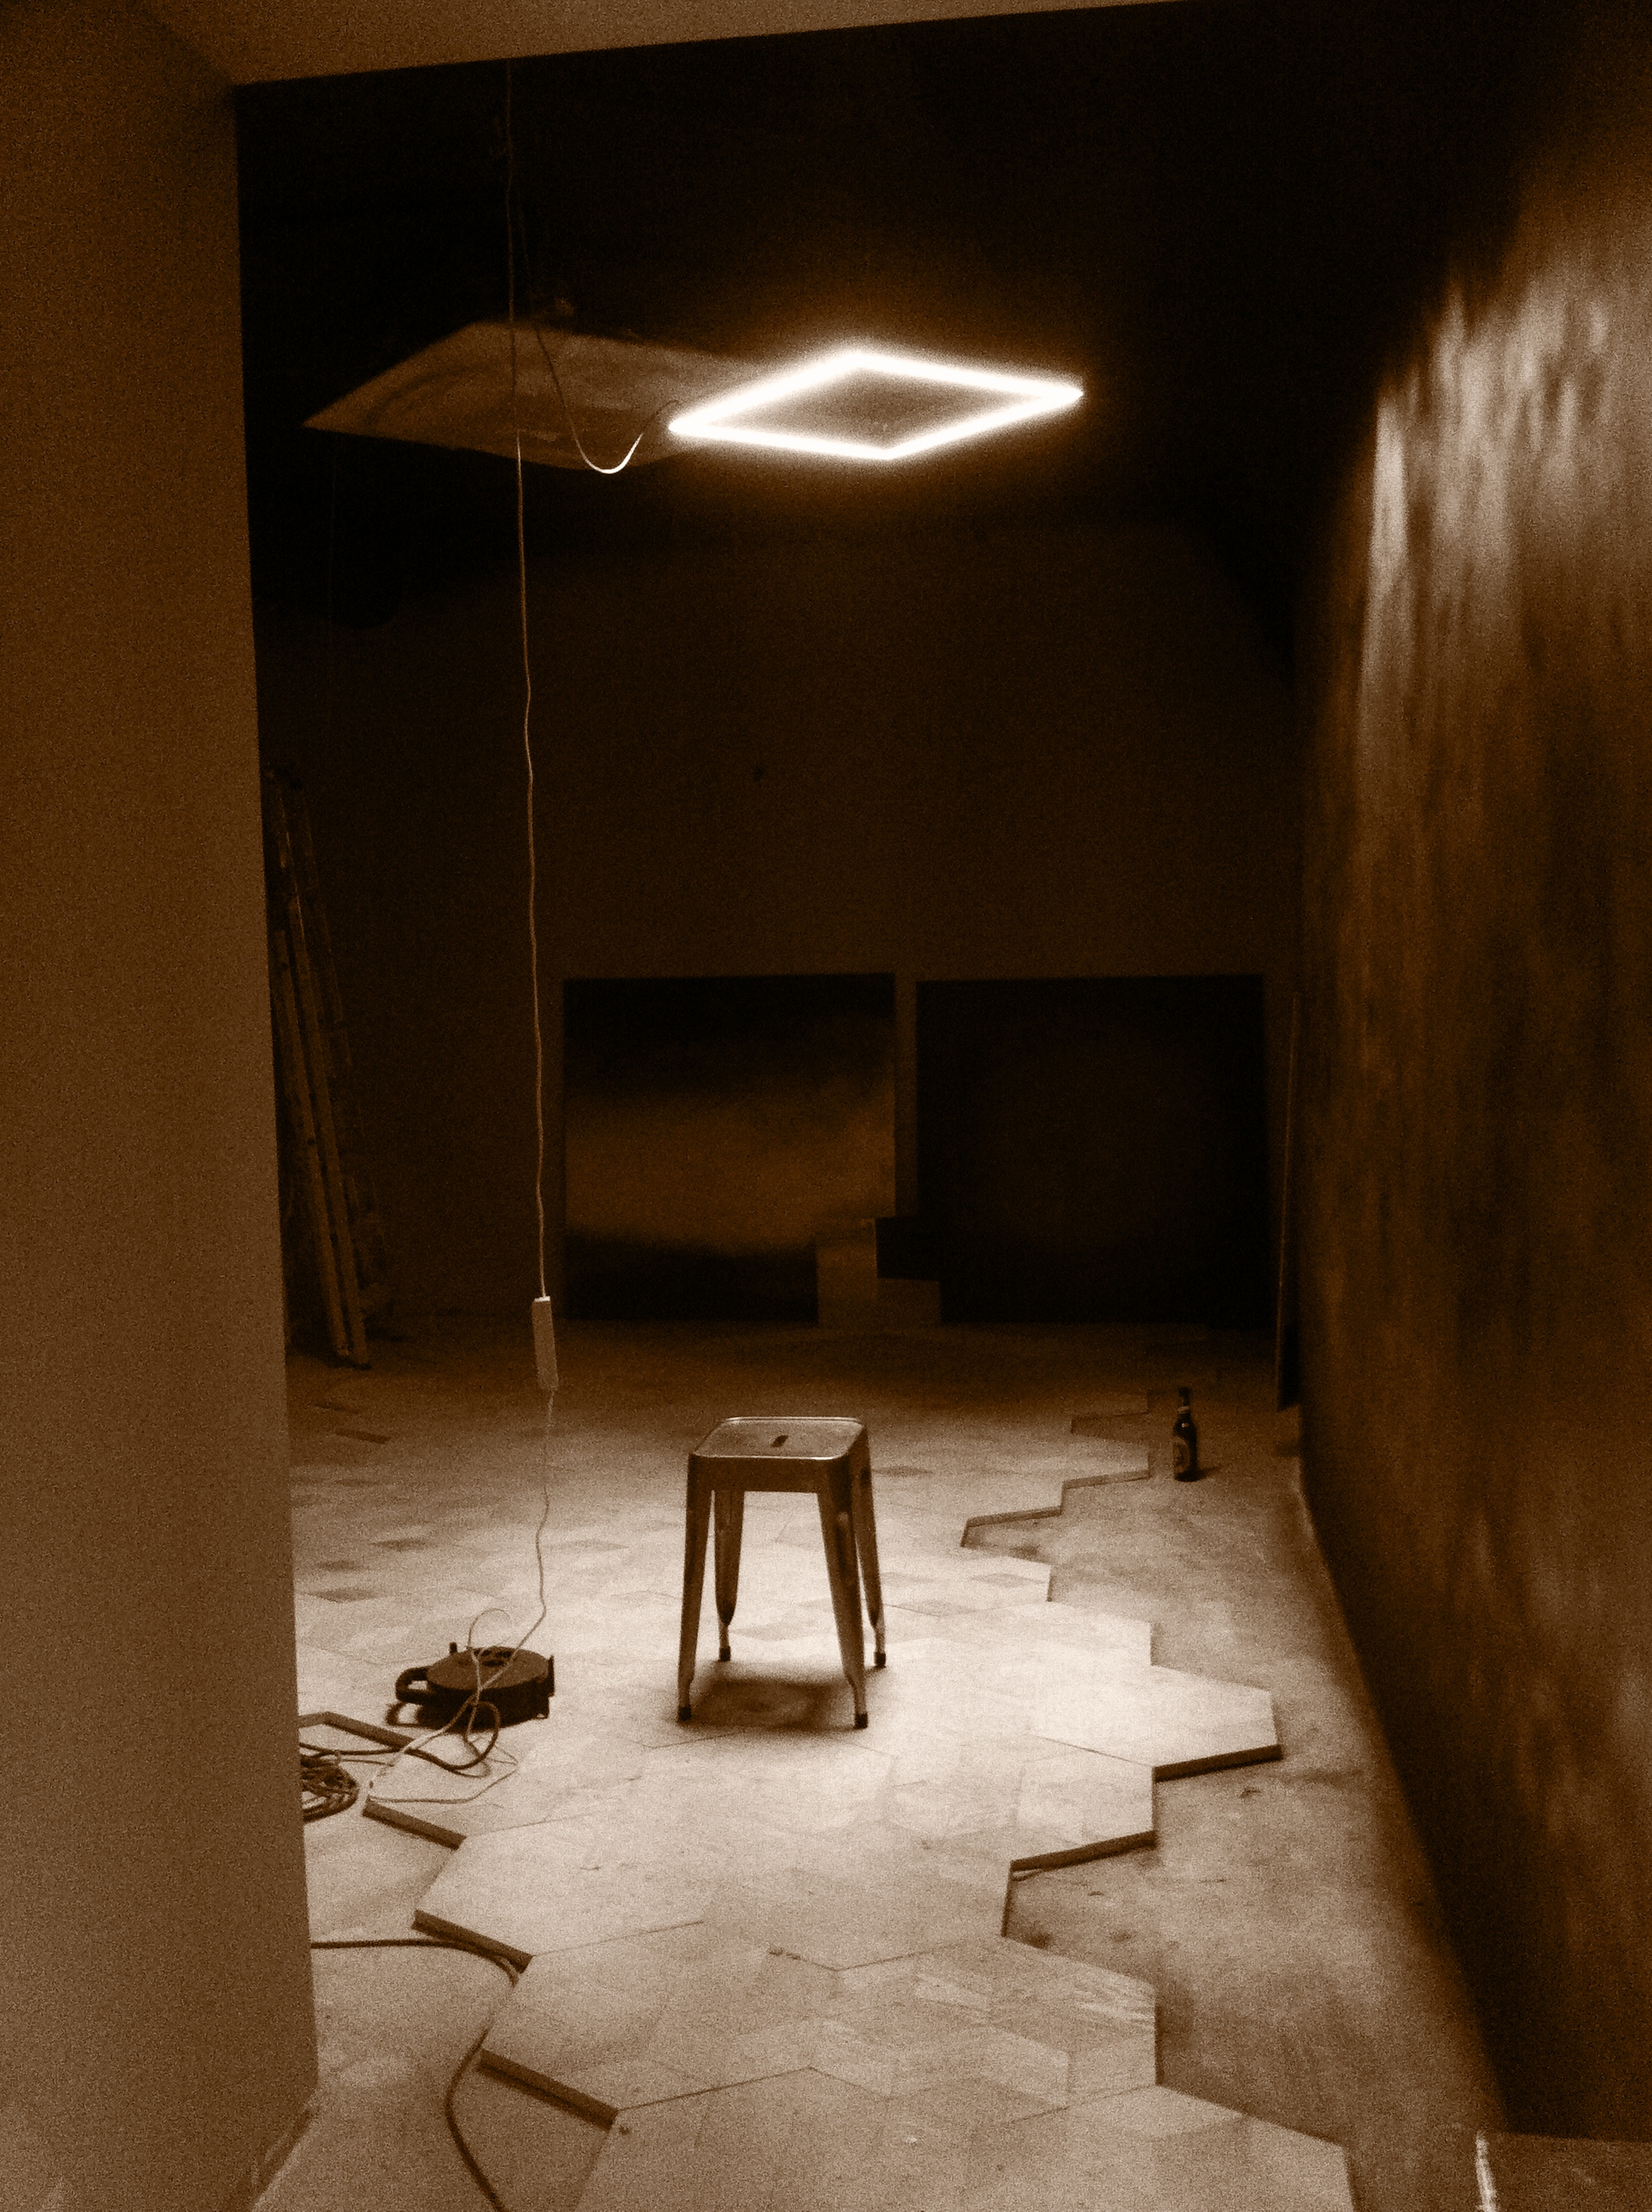 Installation du luminaire prototype 002 et premier test peinture dégradé (cuivre/noir infini) sur son sol en losange de bois fraichement collé.  Merci à Bruno pour cette belle pose.